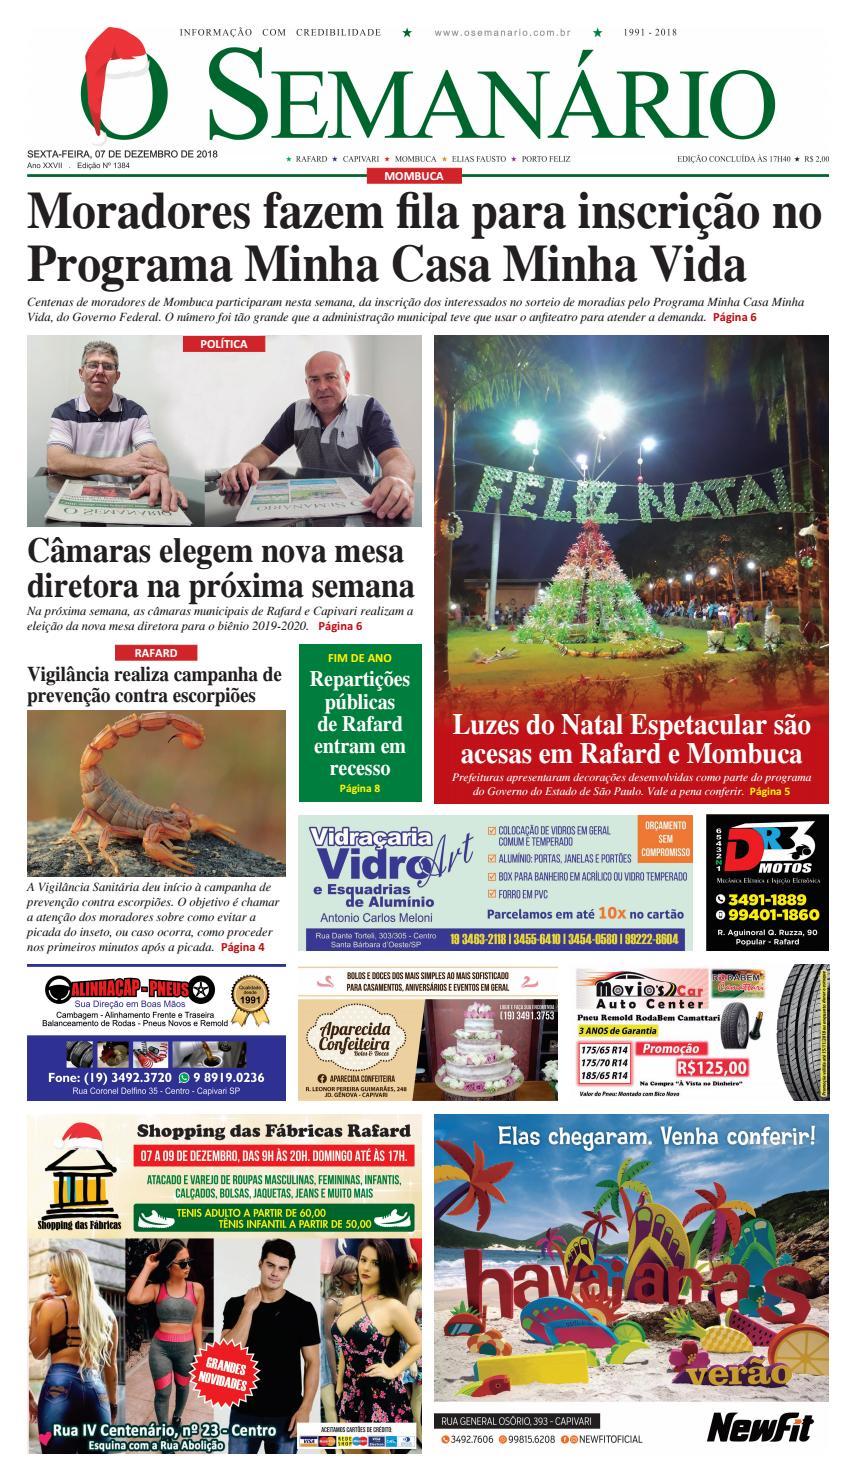 c1fc09fe3 Jornal O Semanário Regional - Edição 1384 - 07/12/2018 by Jornal O  Semanário - issuu